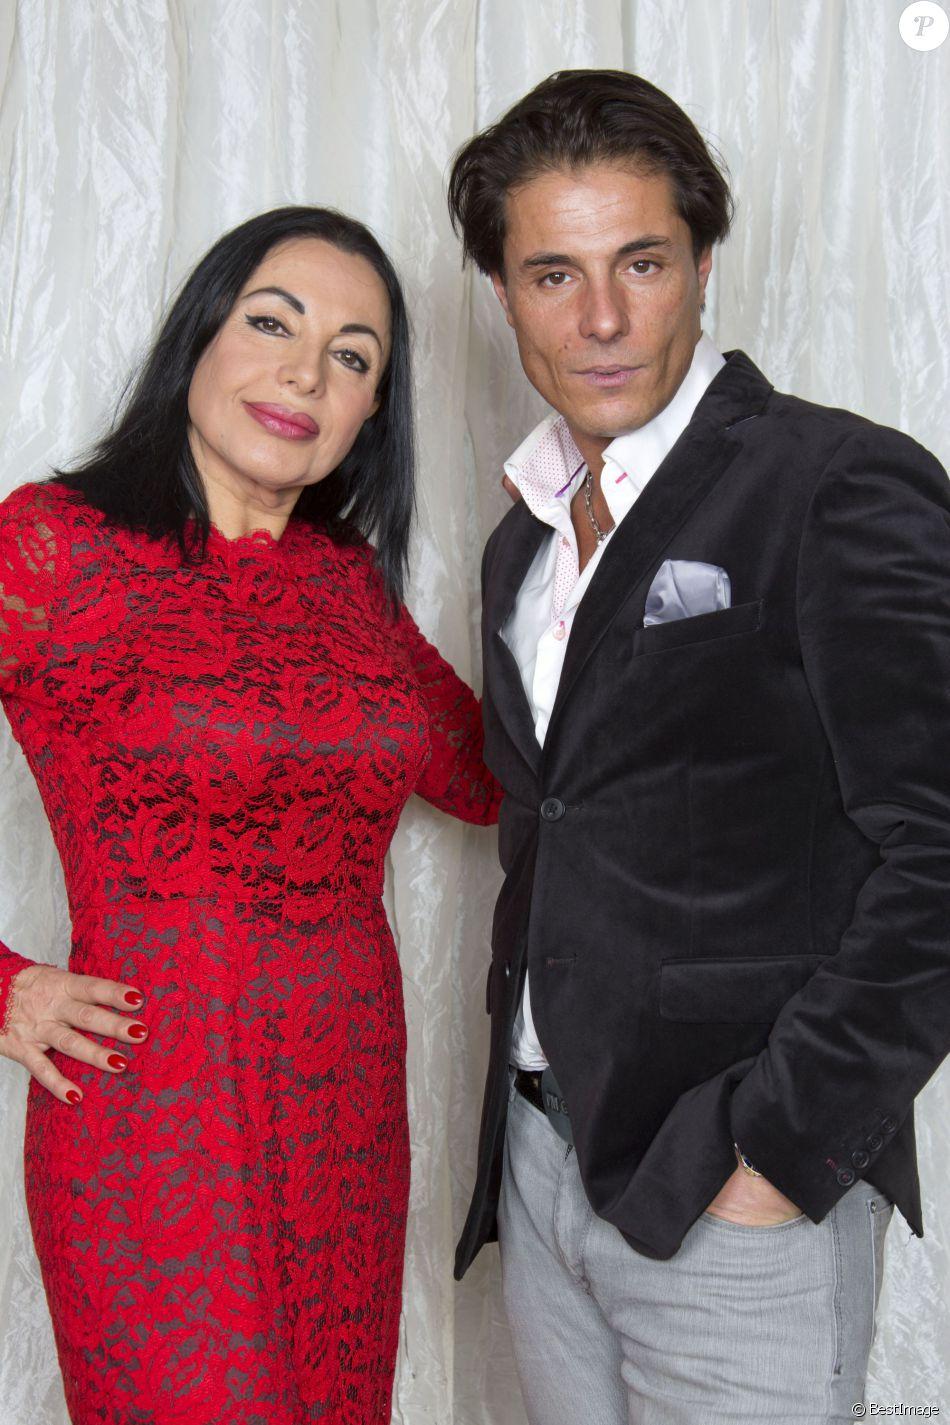 Exclusif - Giuseppe Polimeno et sa mere Marie France à Paris le 23 décembre 2013.